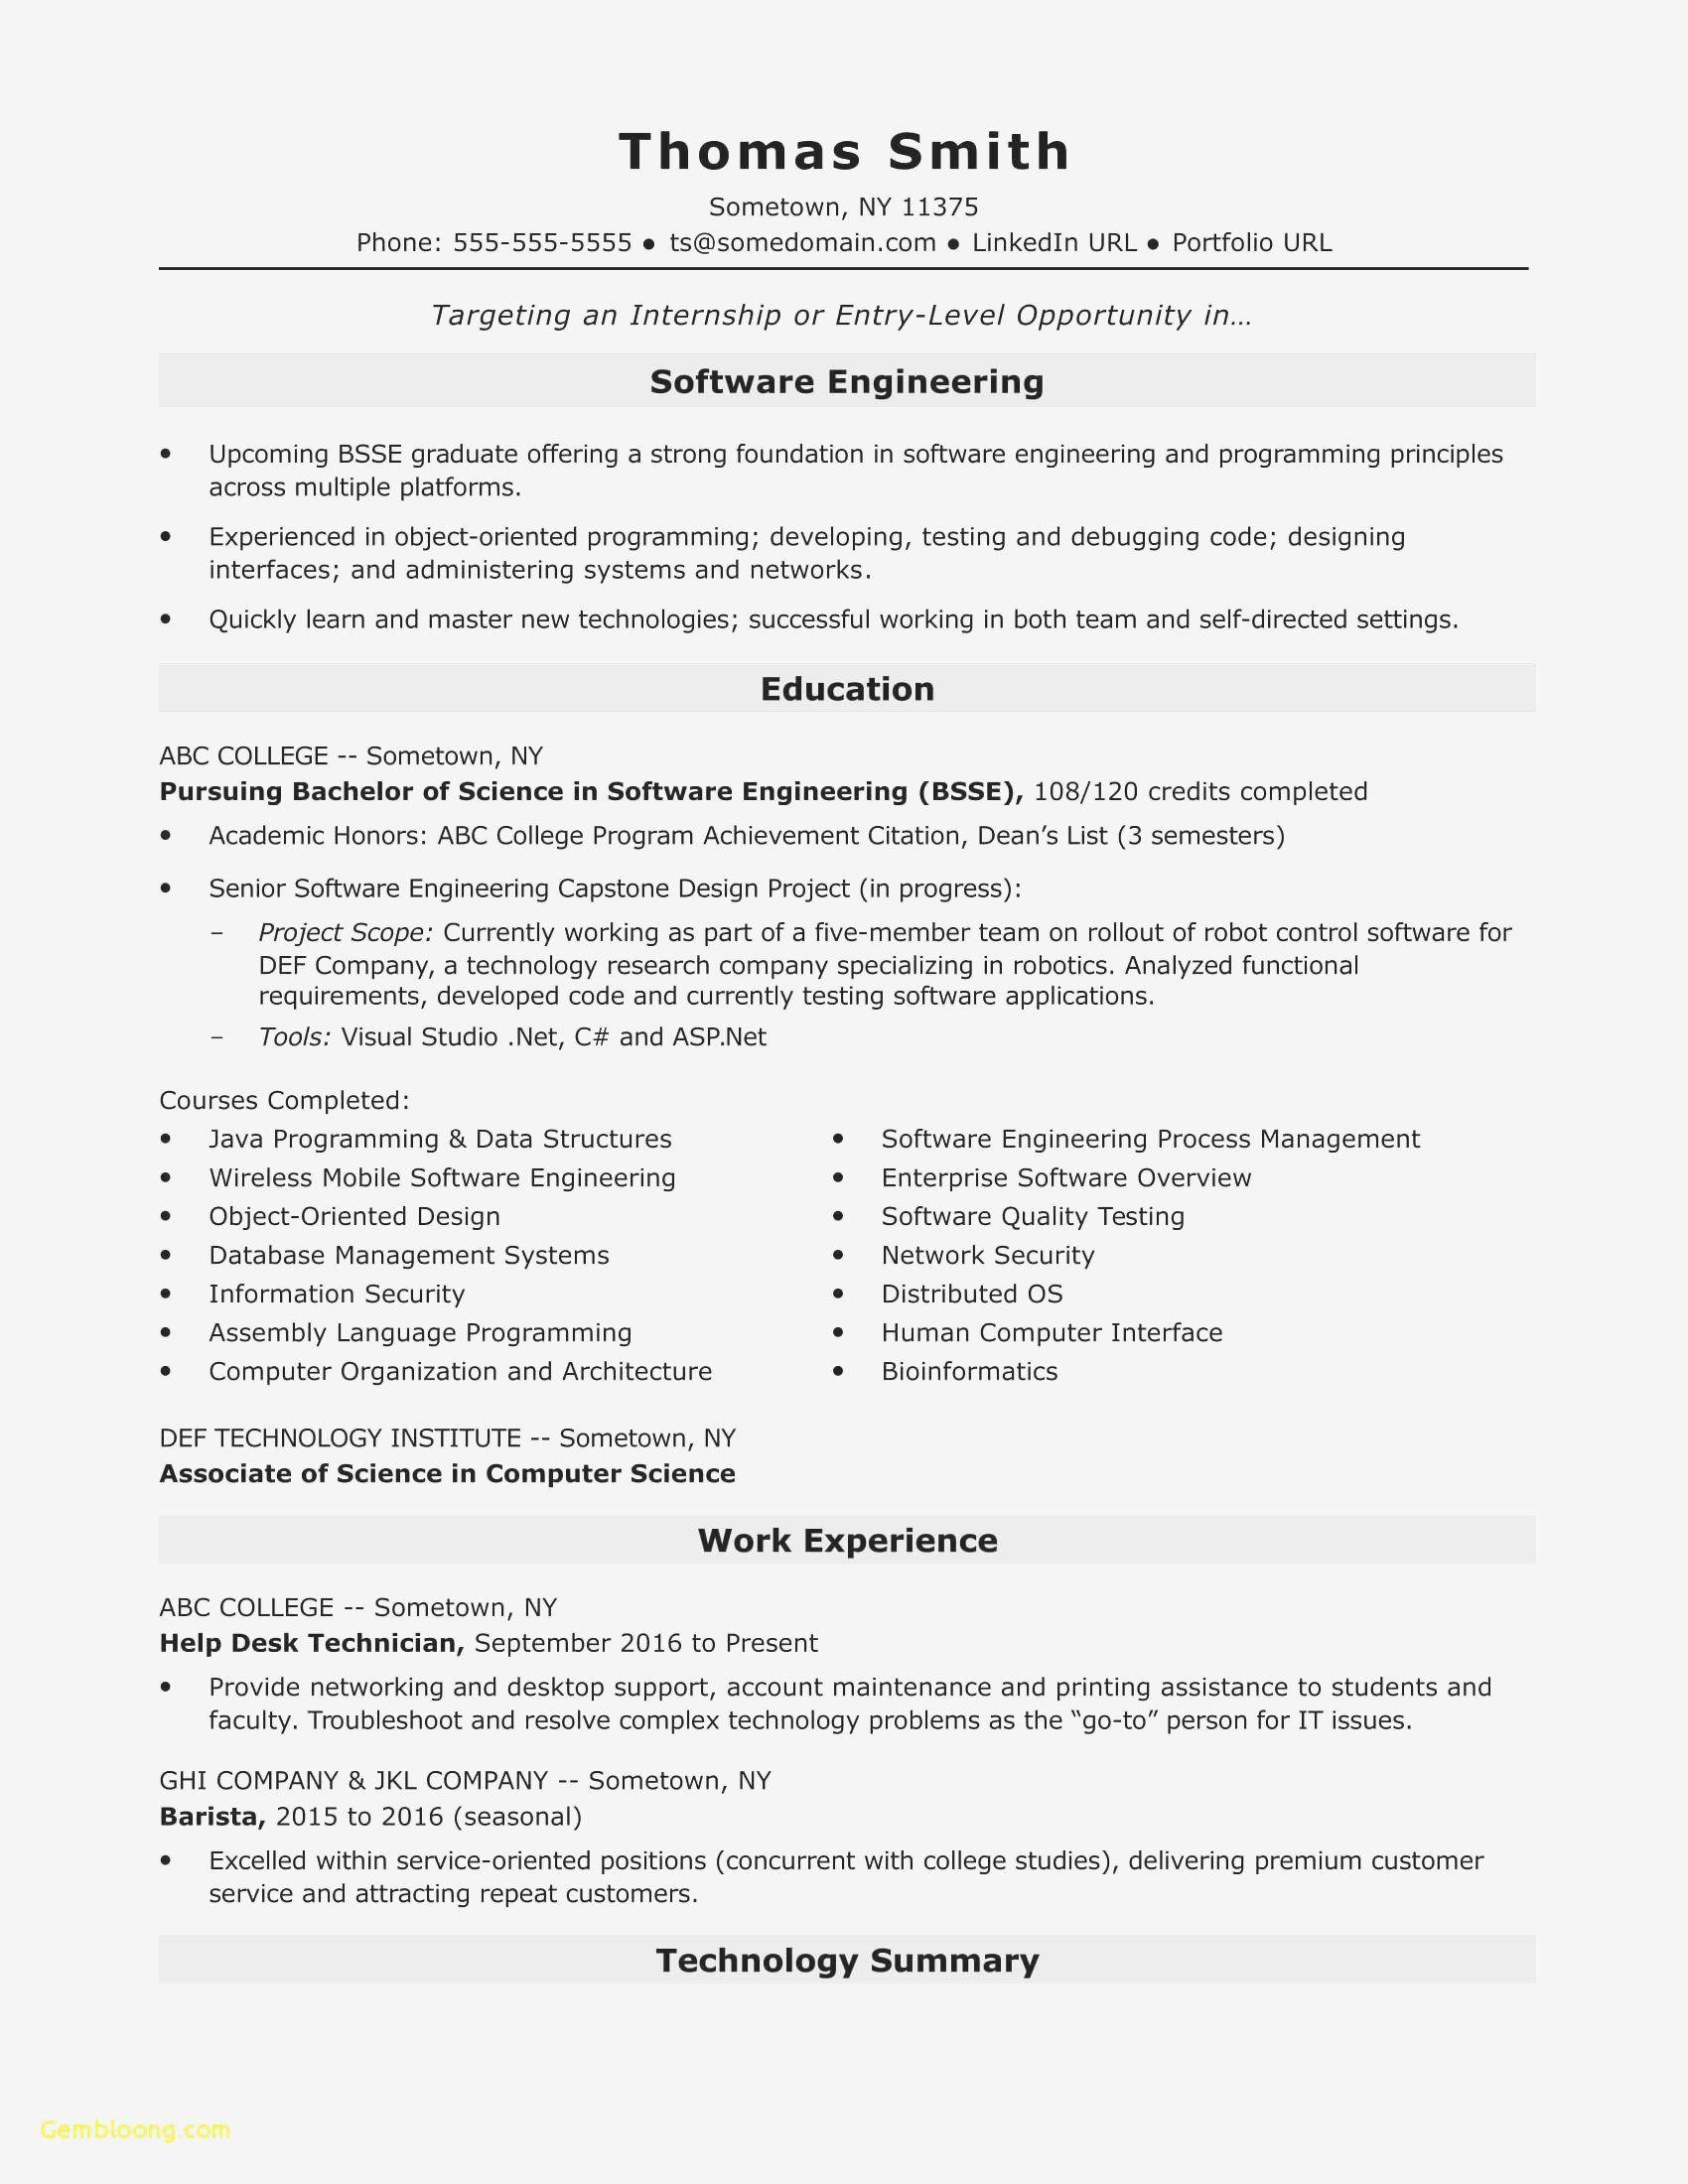 Net Developer Resume New Senior Developer Resume Sample Free Developer Support Software Engineer Best Templates Resume Template Examples